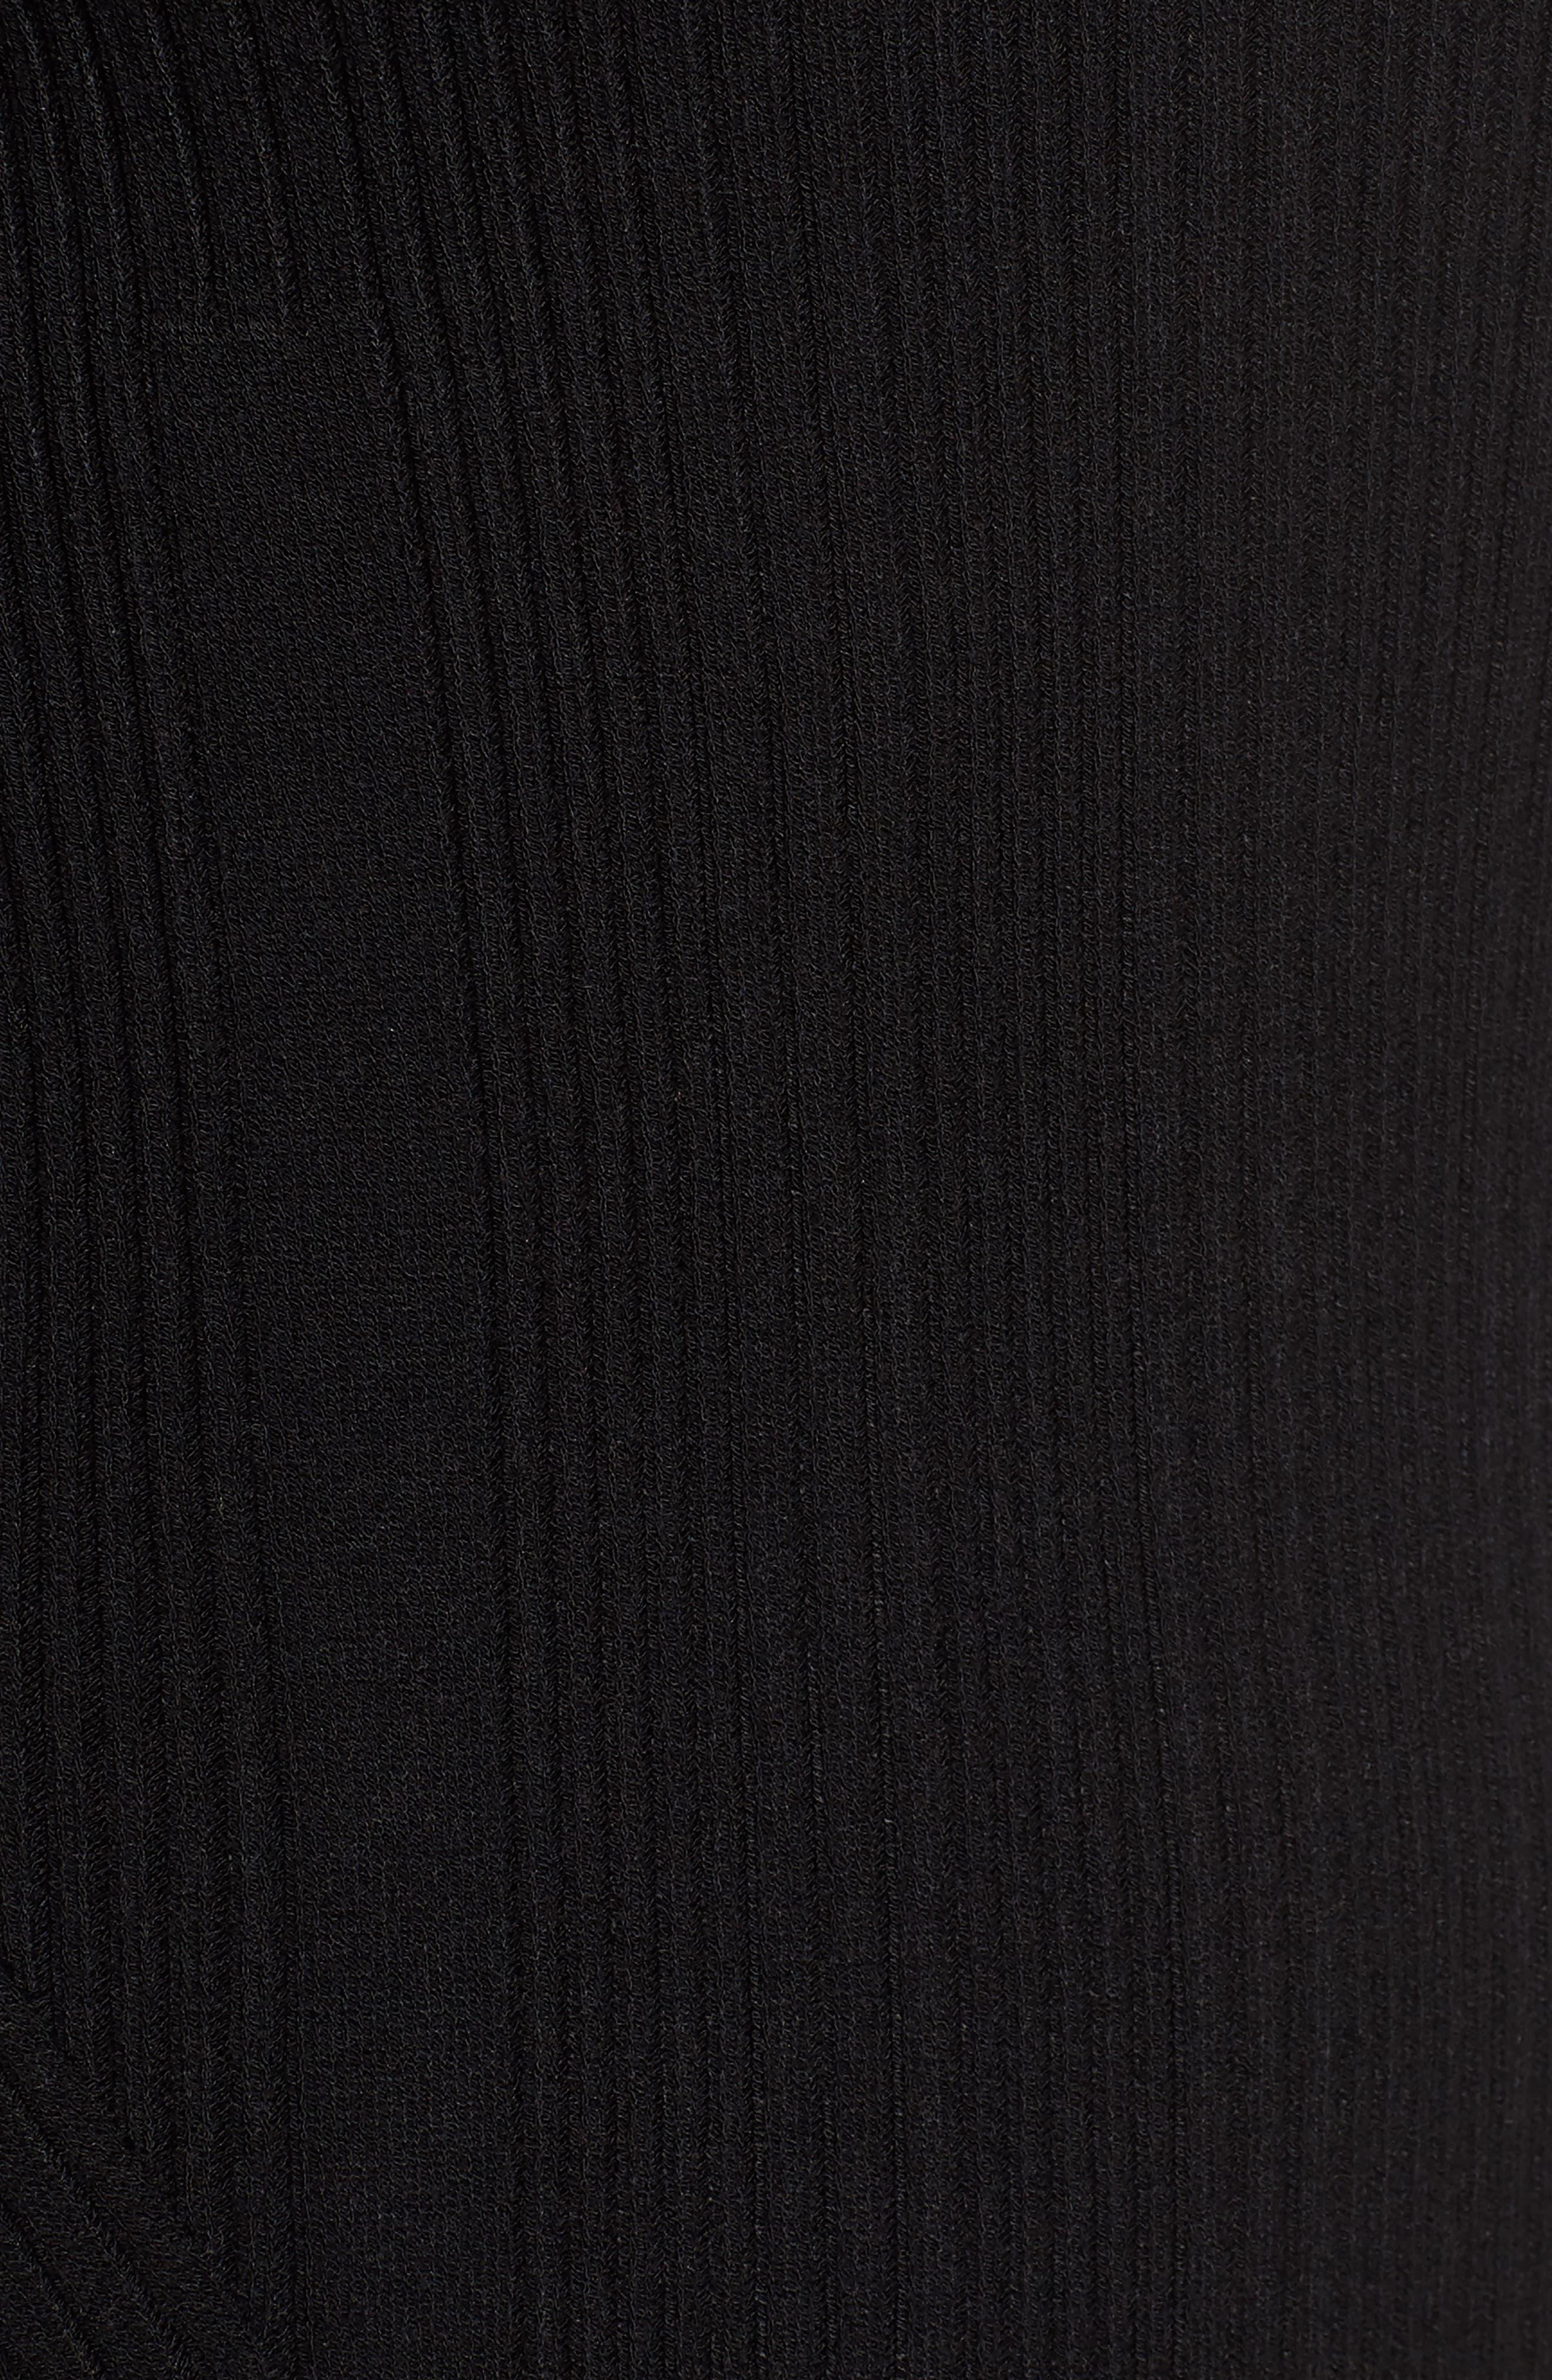 Ribbed Knit Midi Dress,                             Alternate thumbnail 5, color,                             001